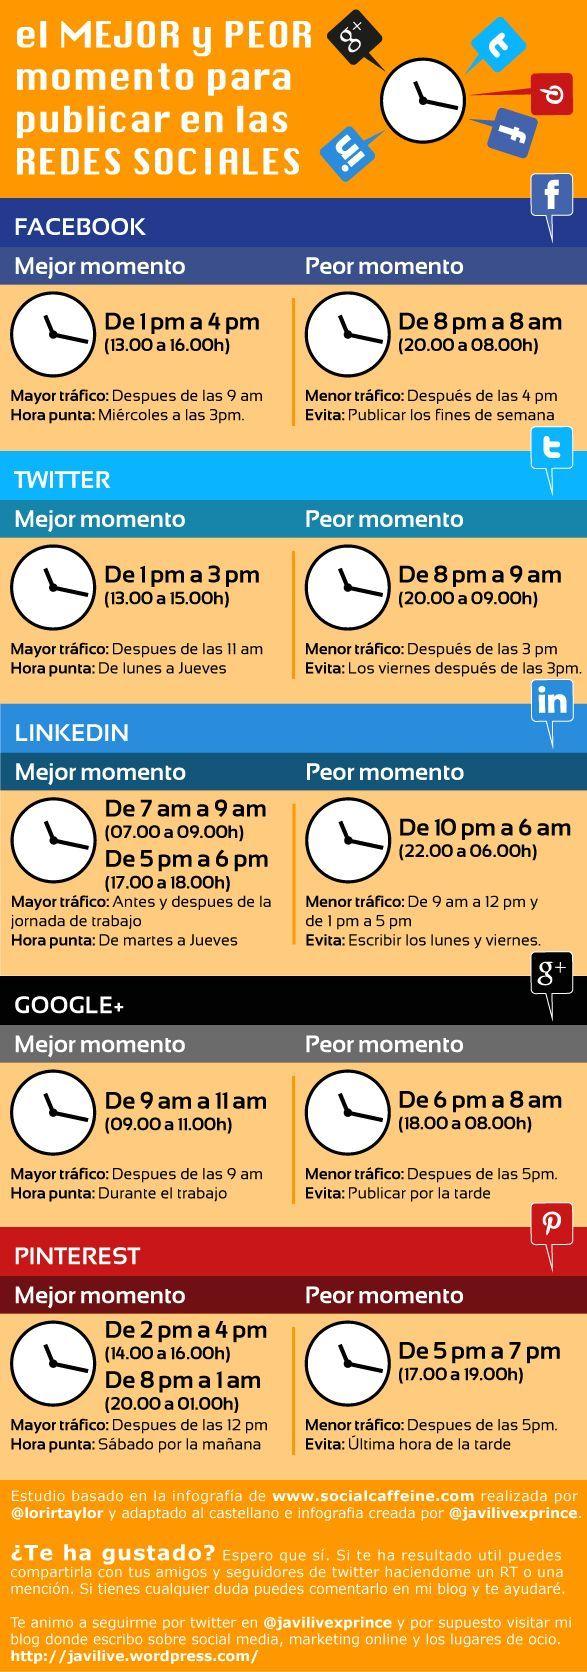 Infografía en español que muestra el mejor momento para publicar contenido en…